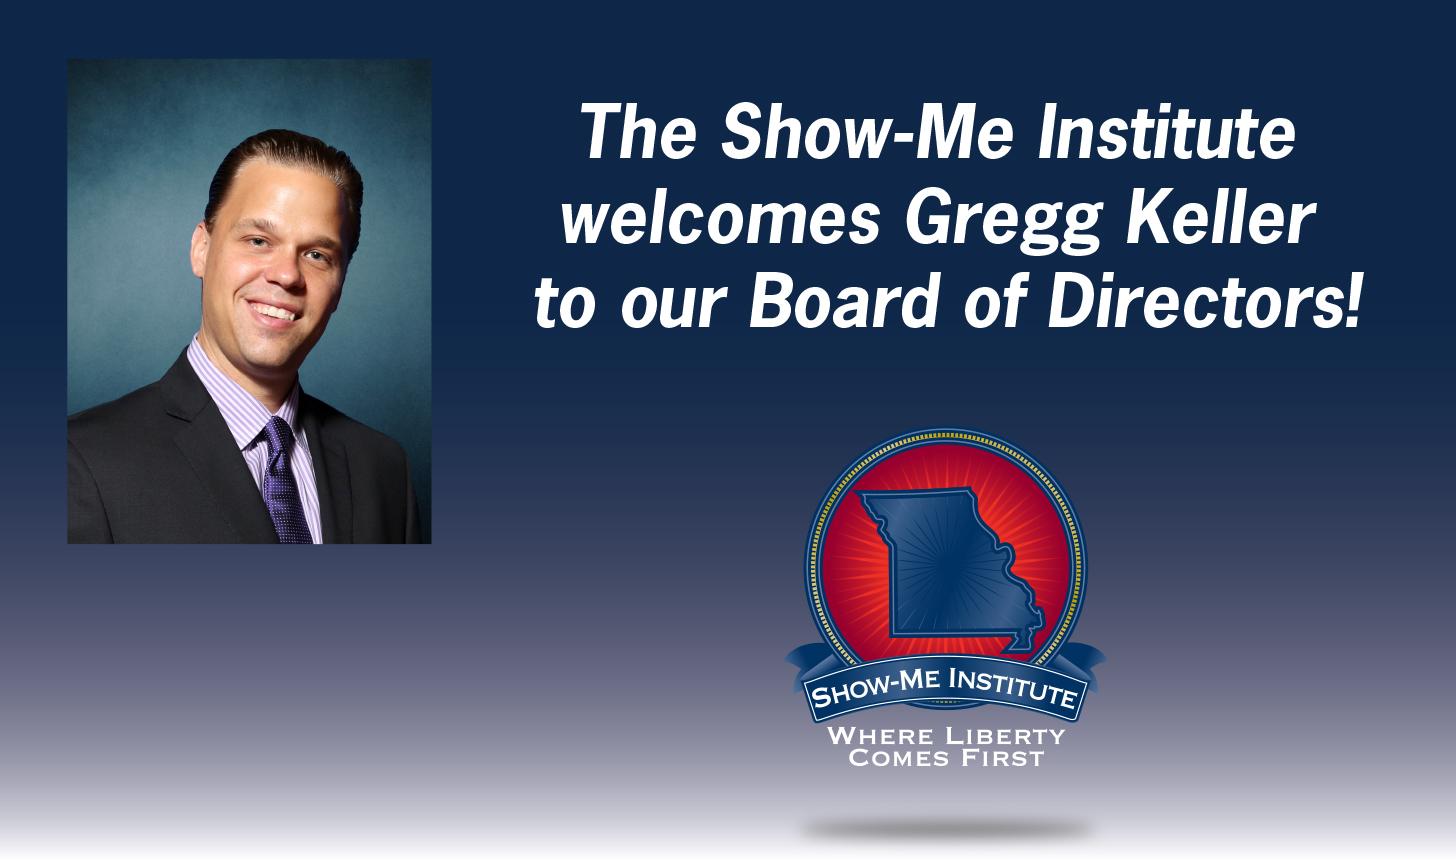 Gregg Keller